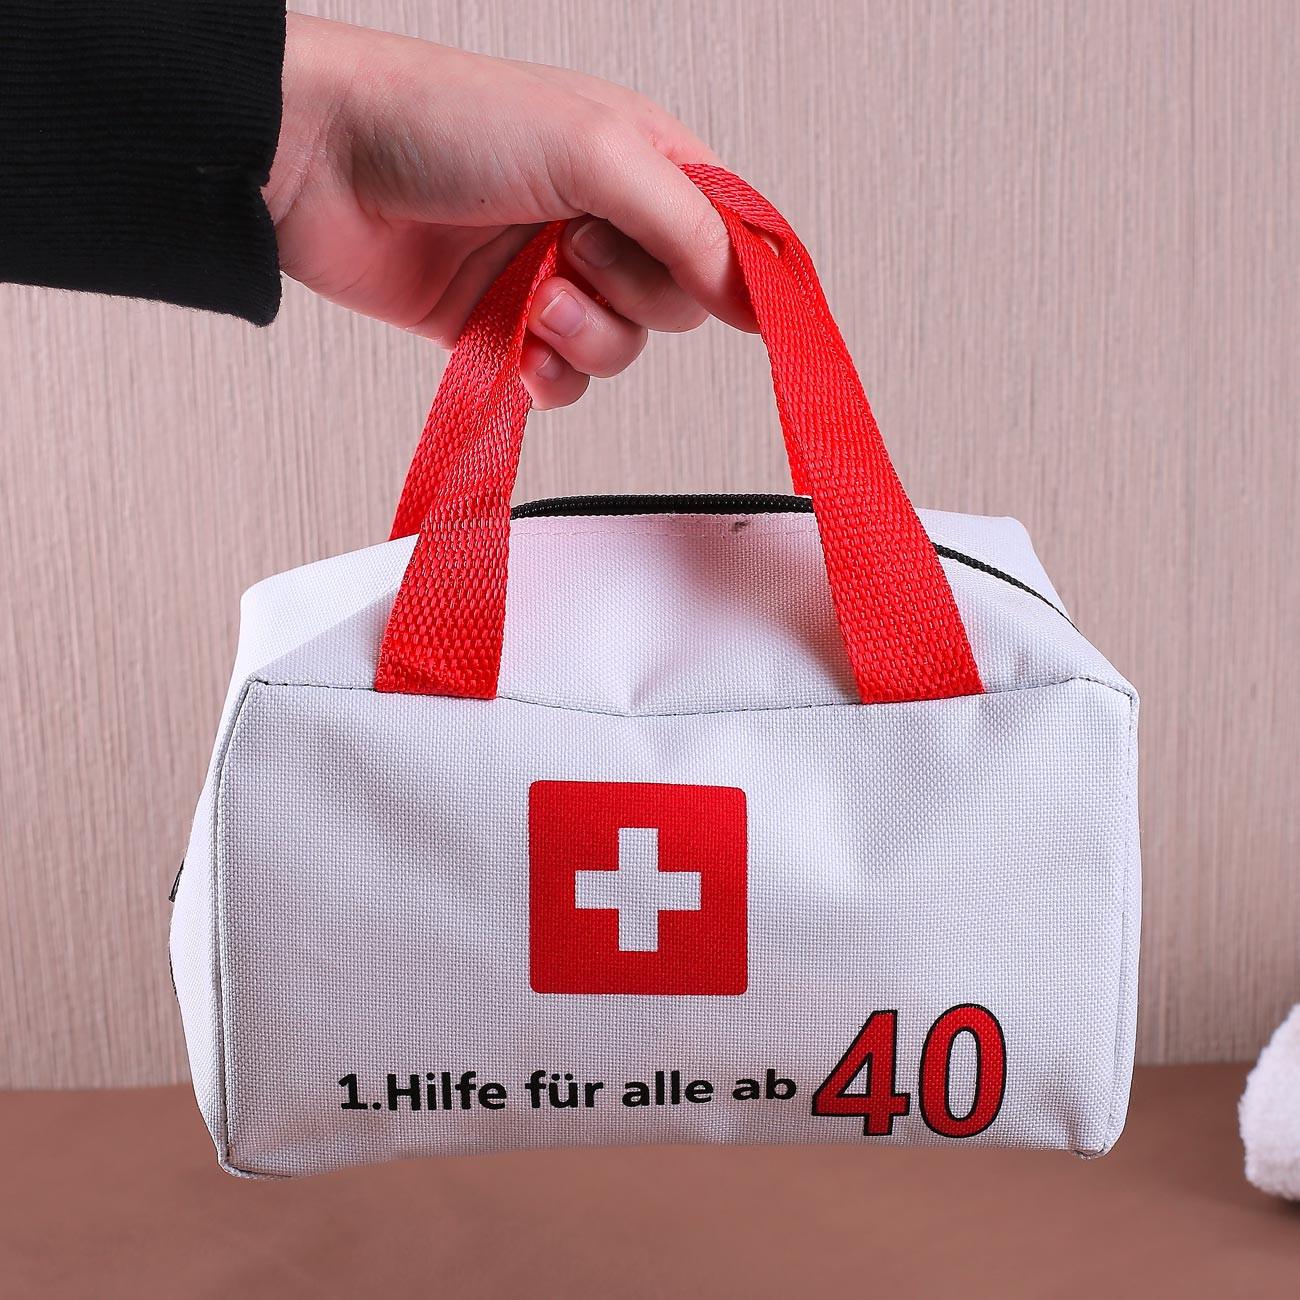 Geschenkideen Zum 40 Geburtstag  kleiner Notfallkoffer zum 40 Geburtstag